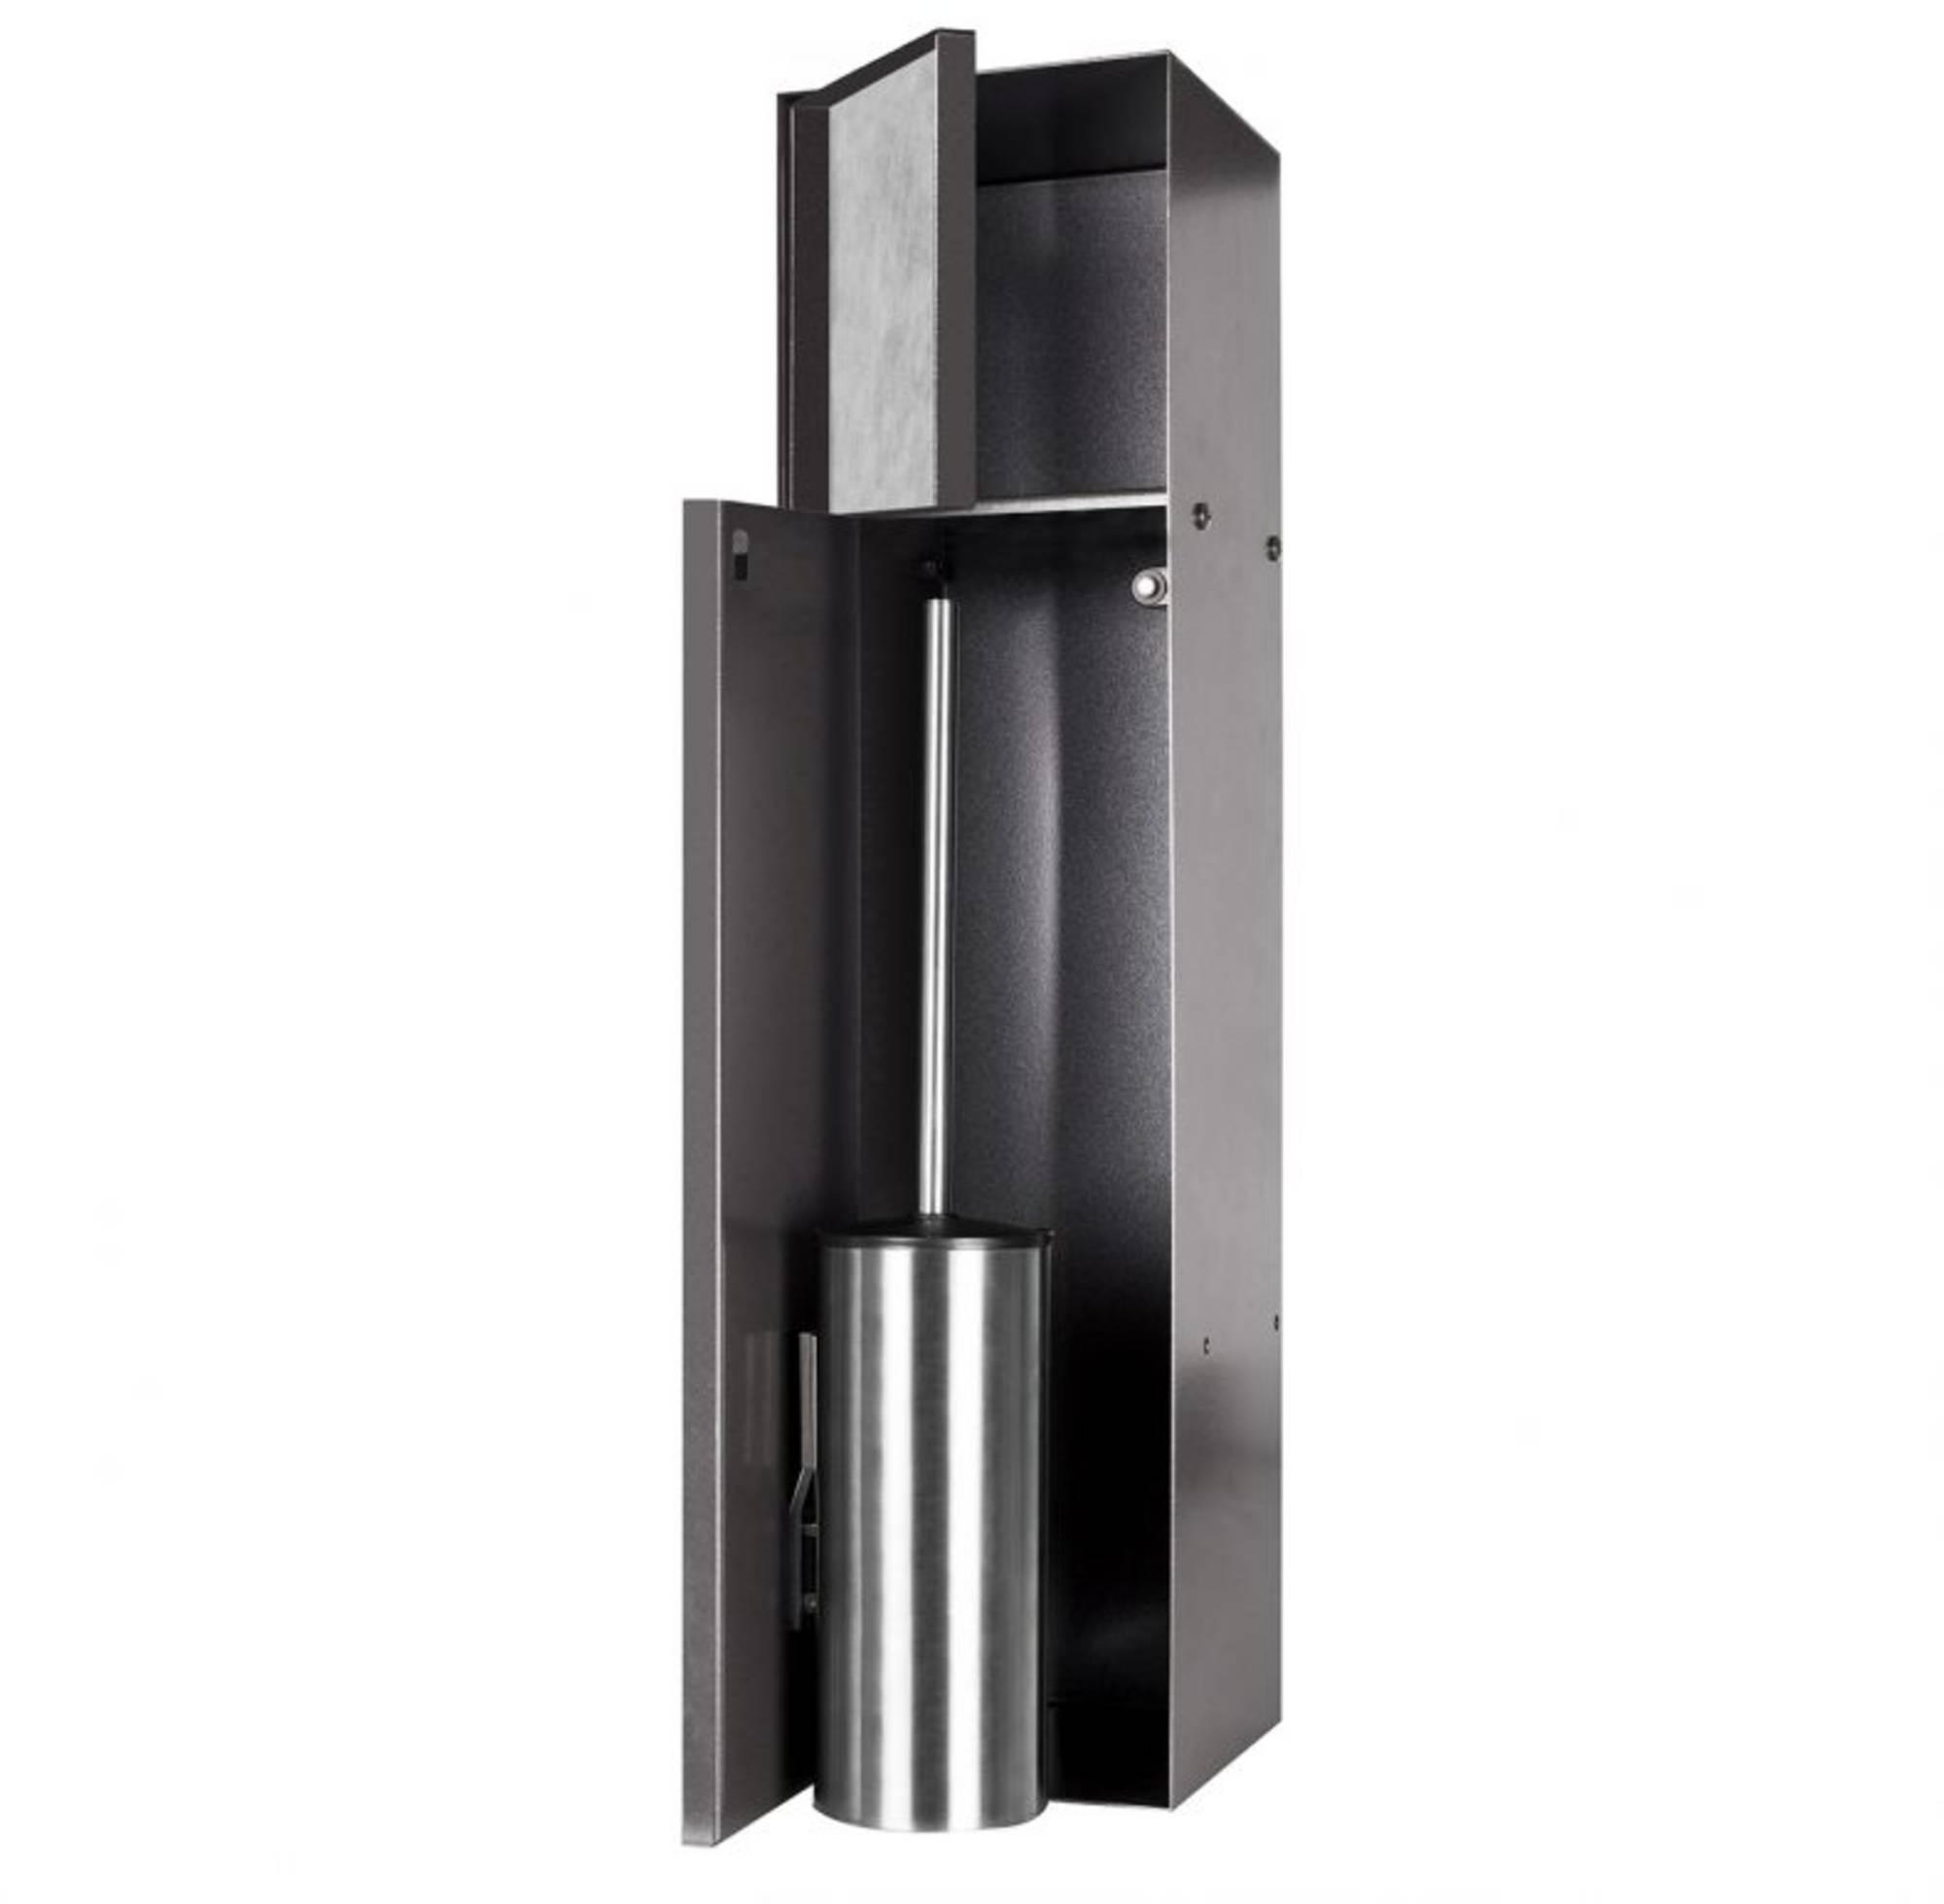 Looox CL10 Toiletborstelhouder inbouw betegelbaar inclusief opbergvak 2 deurs 14,5x14x61 cm Antracie